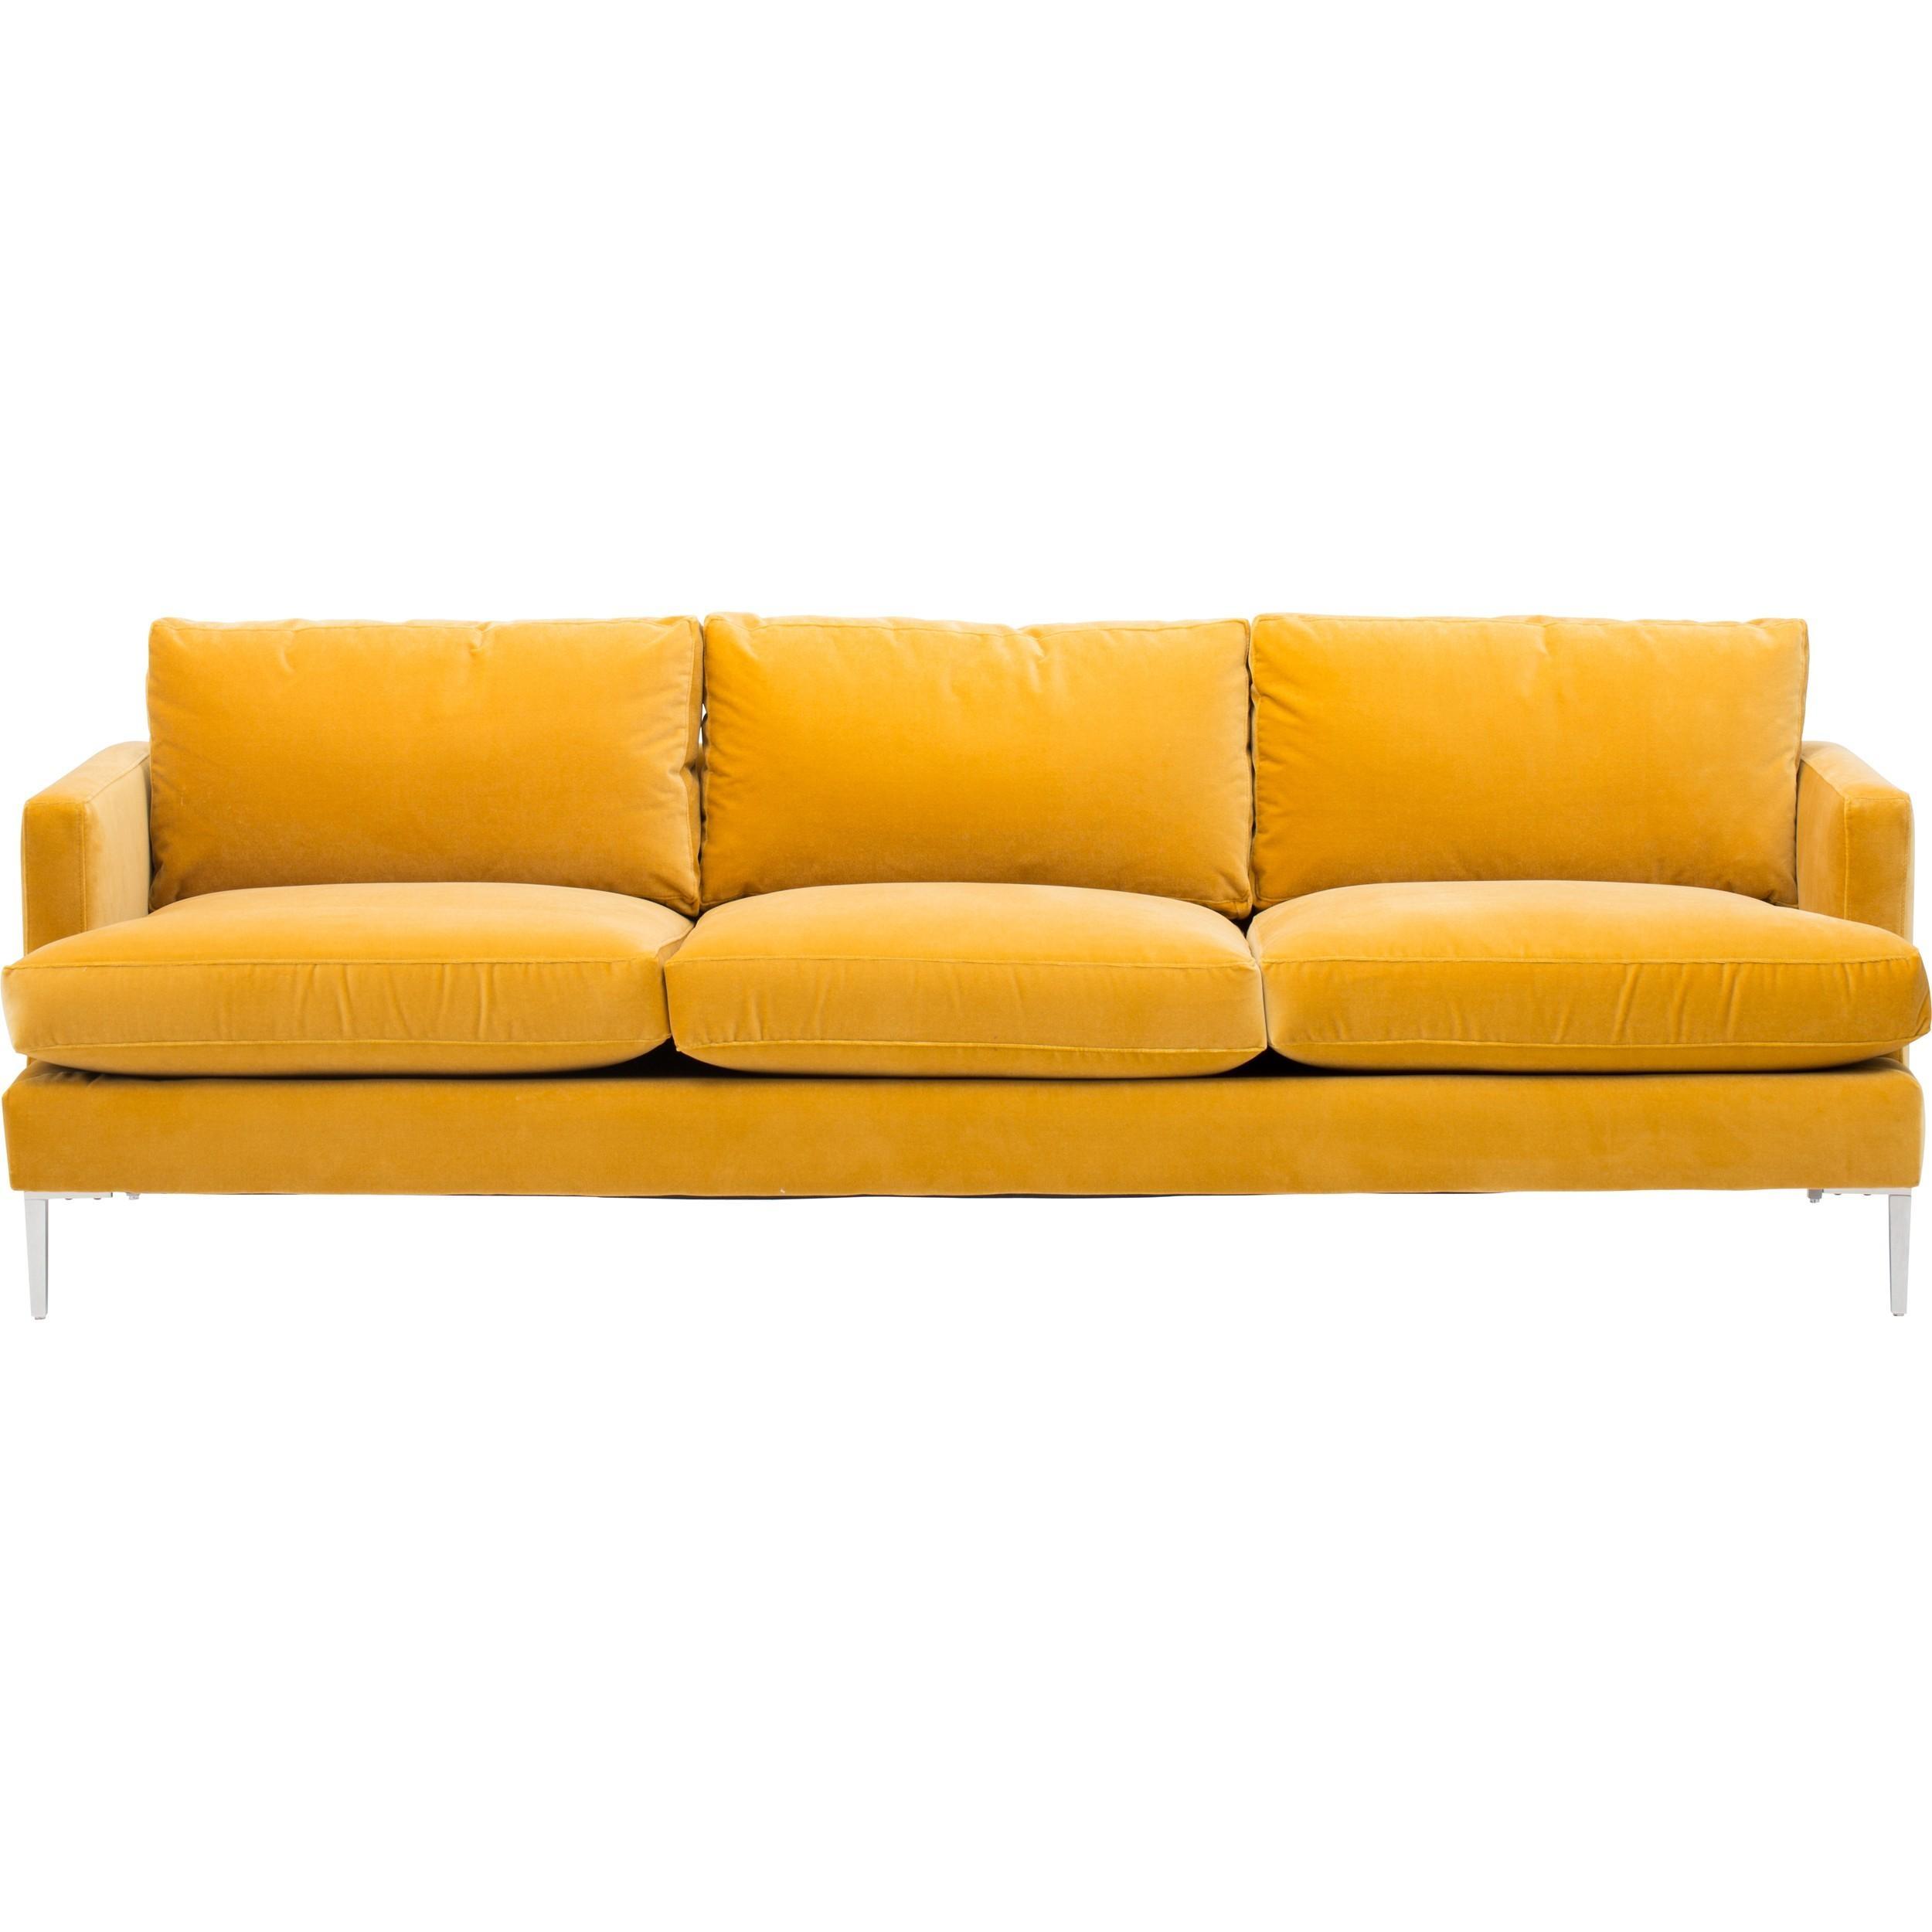 Furniture: Arhaus Leather Sofa   Mccreary Modern Furniture Website With Arhaus Leather Sofas (View 8 of 20)